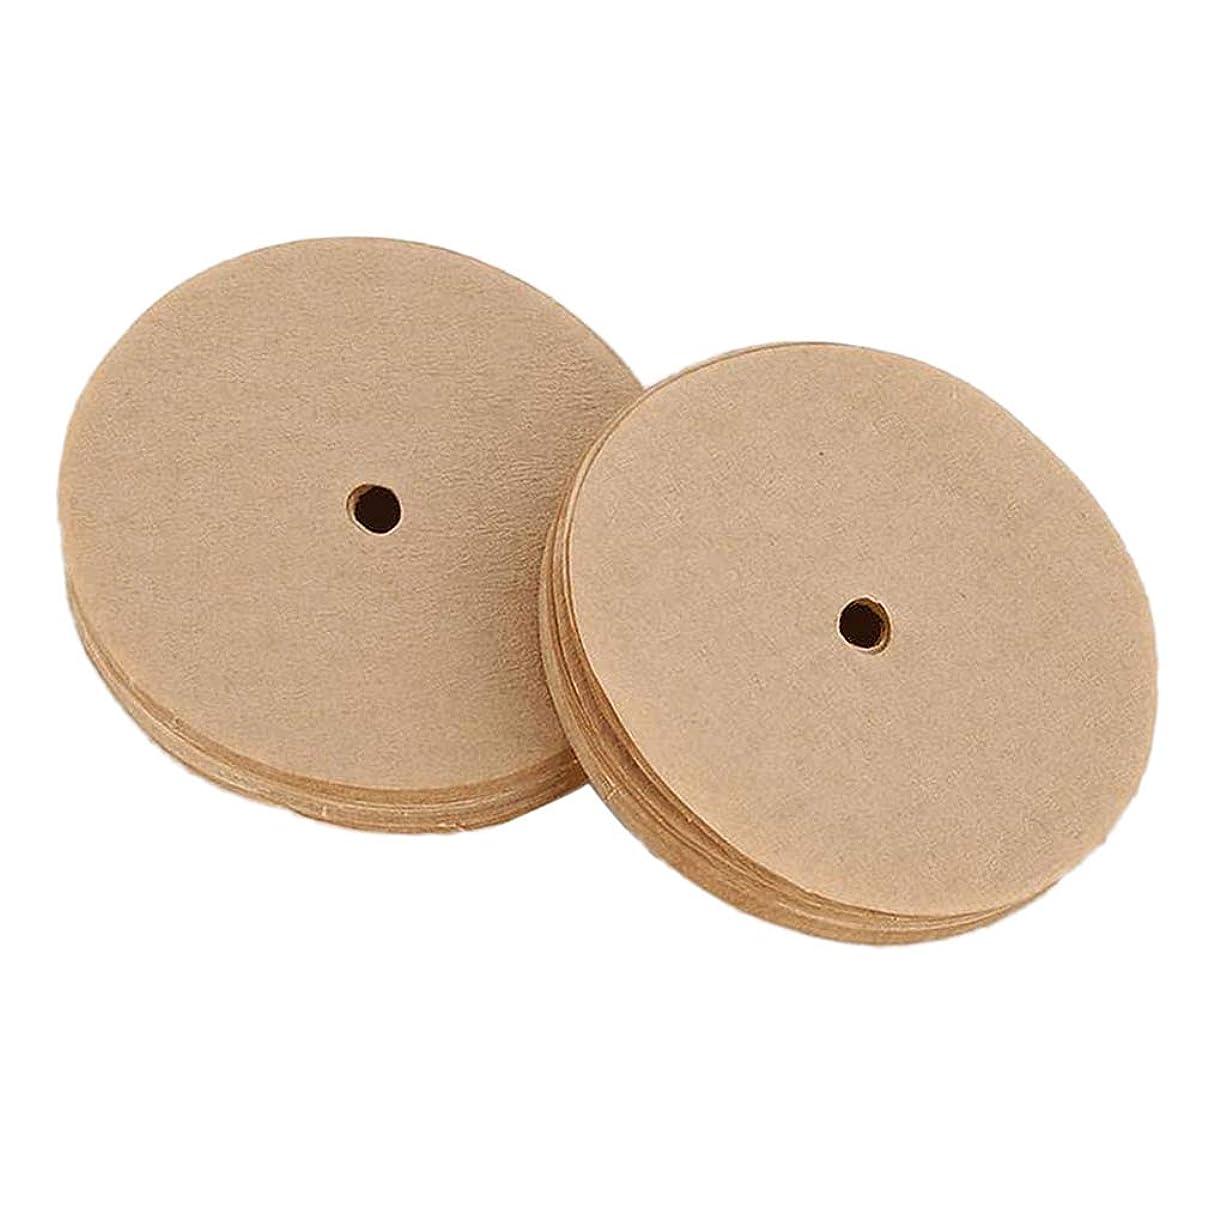 高音ひそかに子供達Perfeclan コーヒーポット濾紙 ペーパーフィルター No6ベトナムコーヒーポット用 約100枚